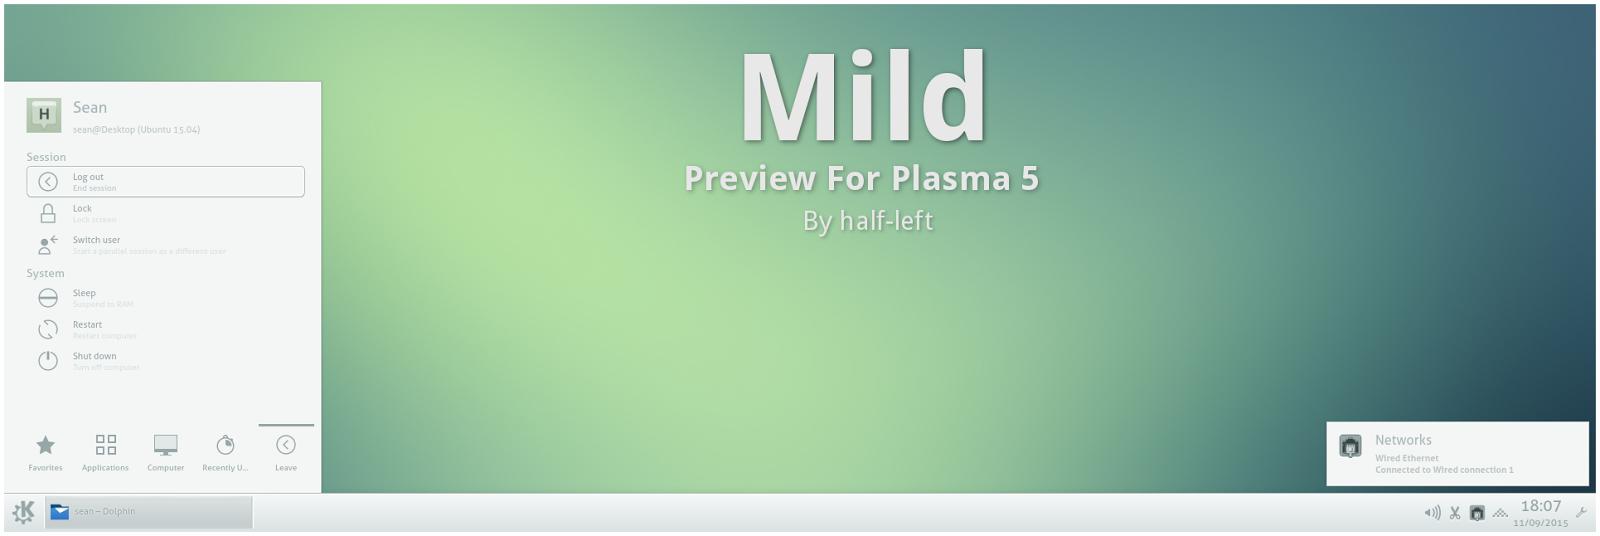 Google theme kde - Kde Plasma 5 Themes